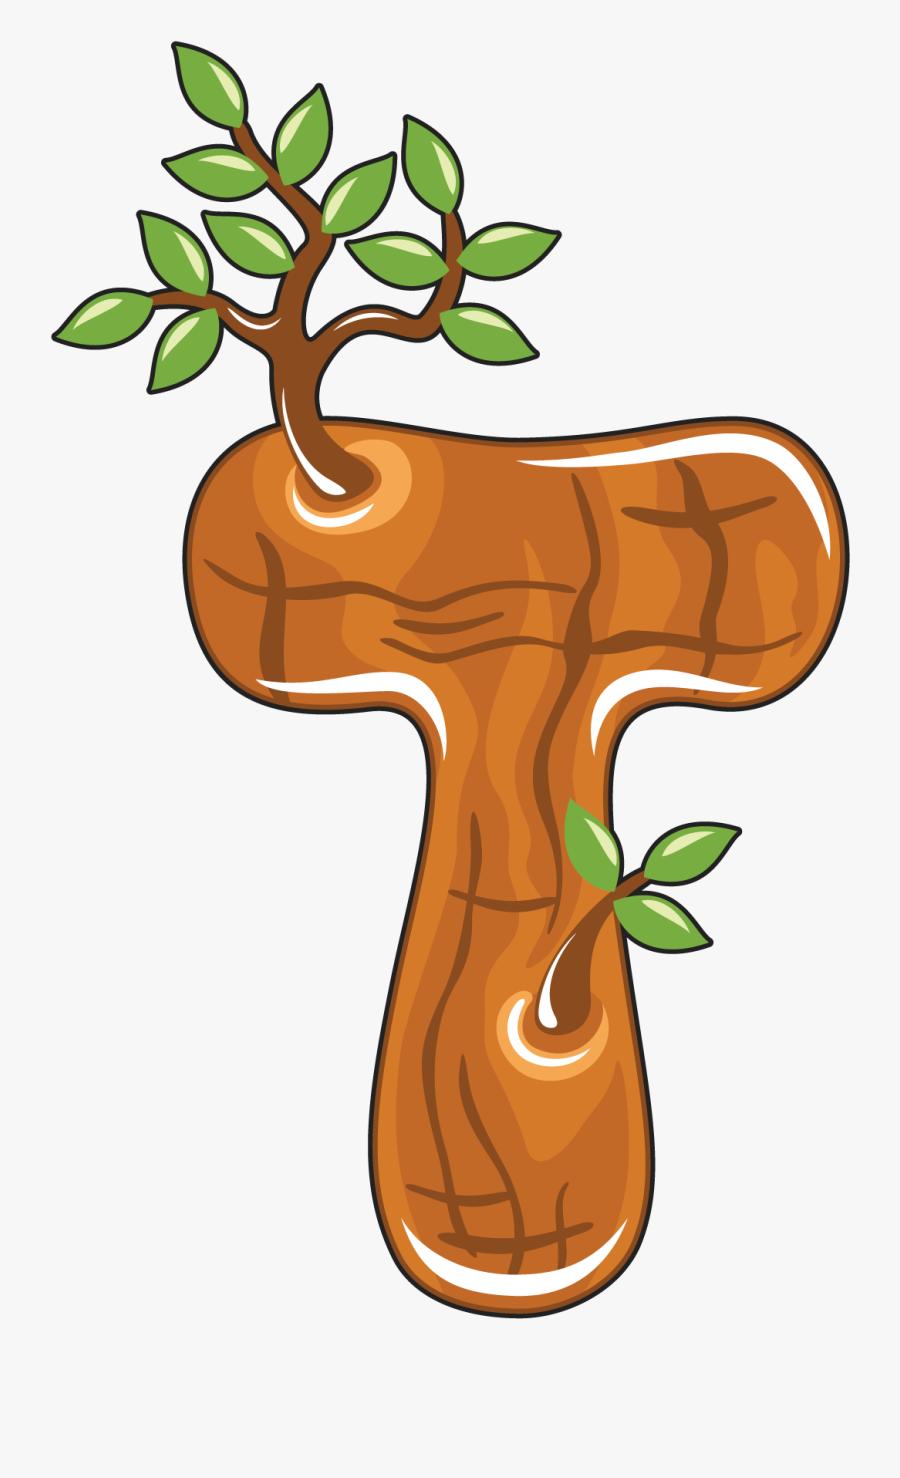 Lettering Clipart Letter T - Letter T Tree Clipart, Transparent Clipart